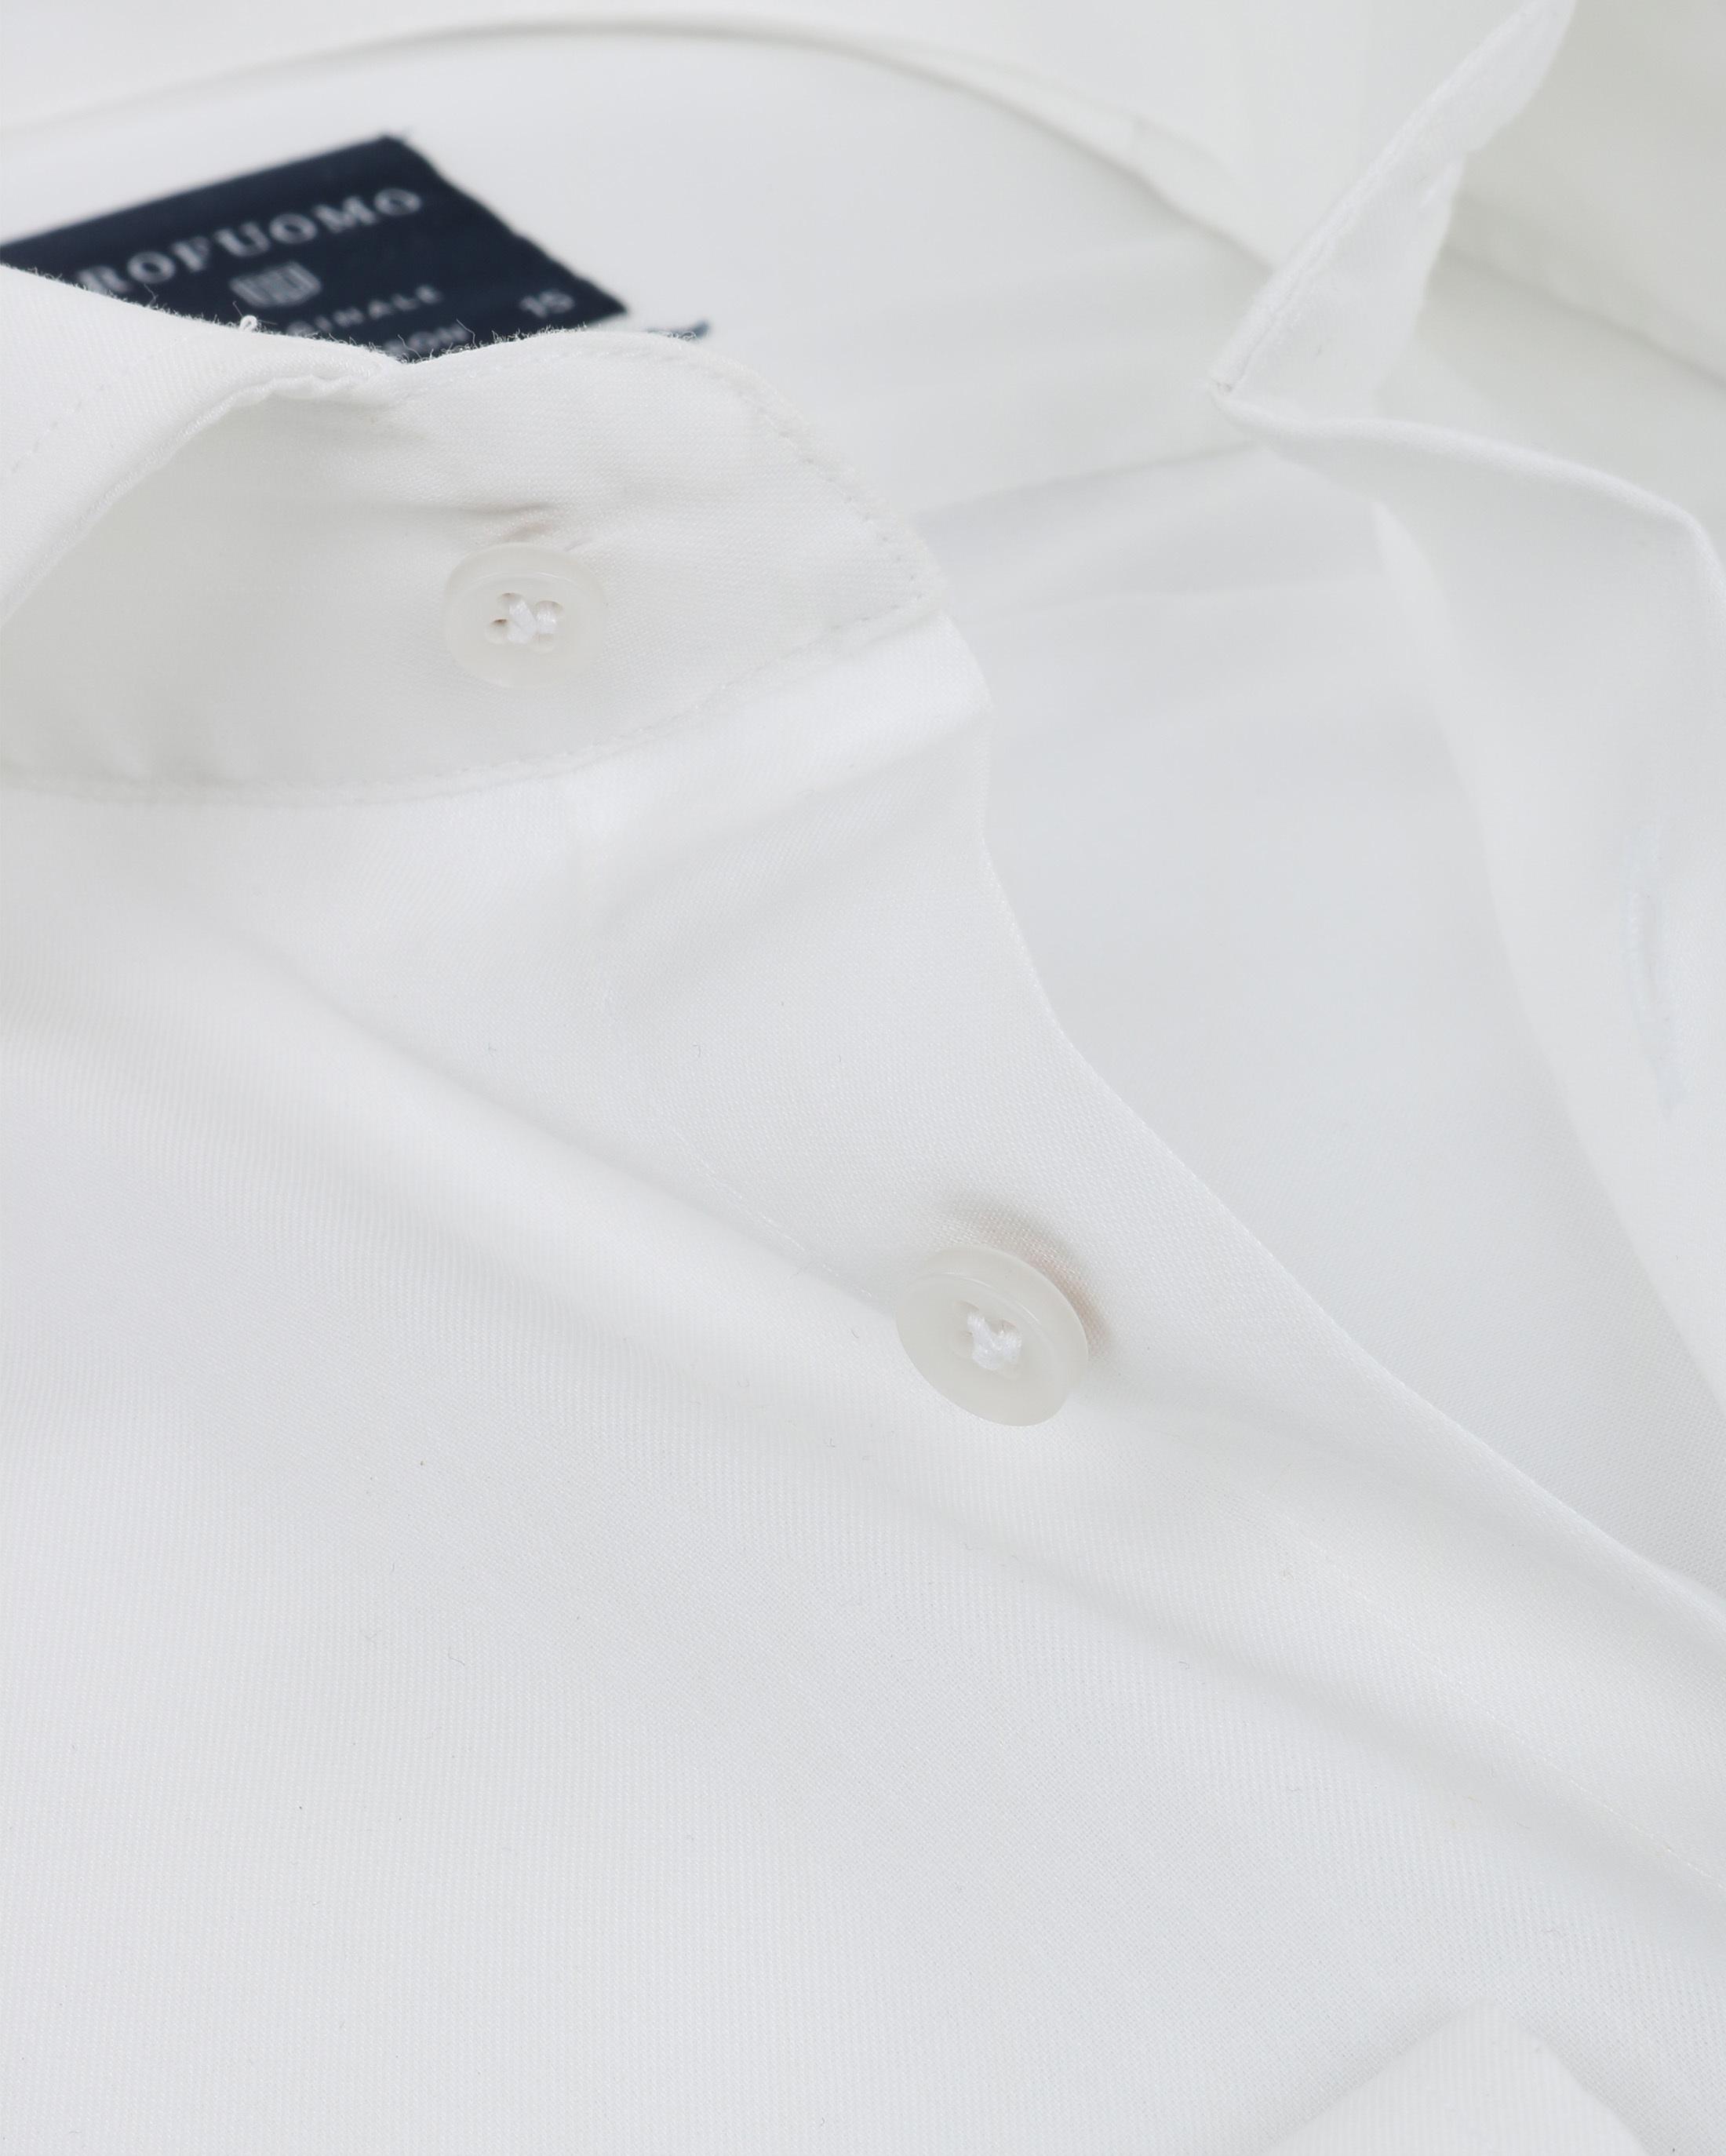 Profuomo Overhemd SF Off White foto 1